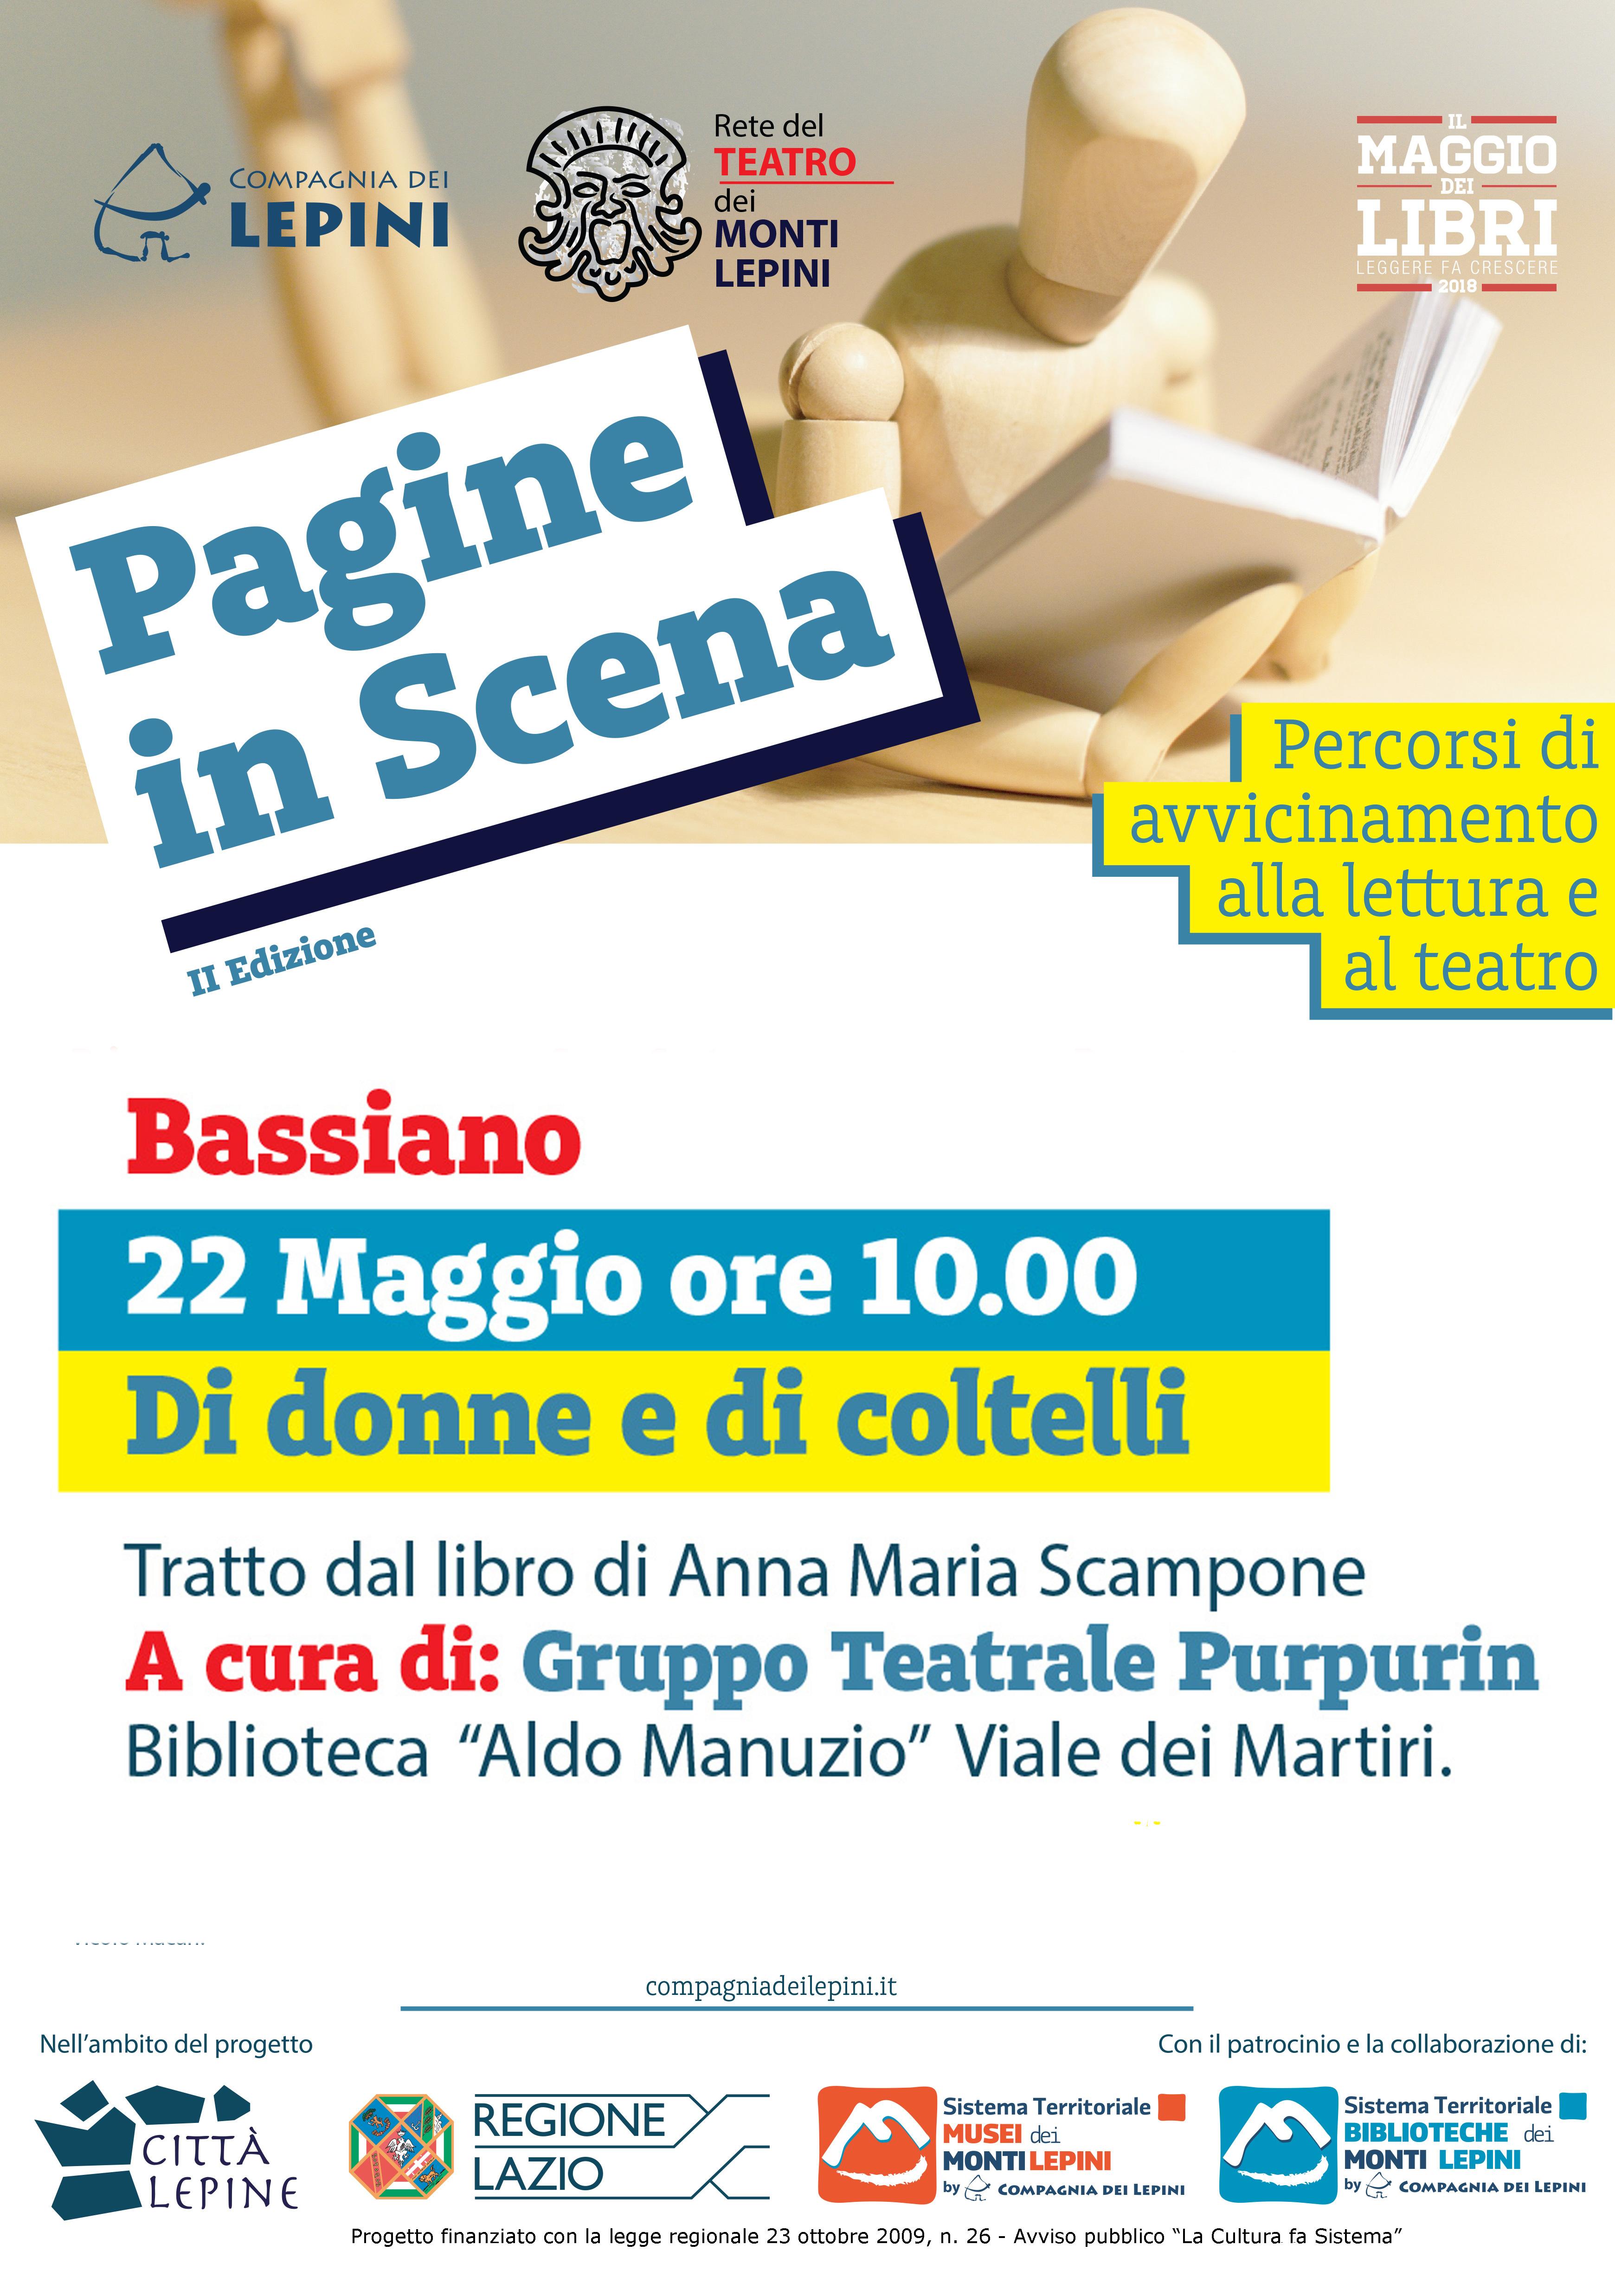 Pagine in scena Bassiano: Di donne e di Coltelli @ Biblioteca Aldo Manuzio | Bassiano | Lazio | Italia